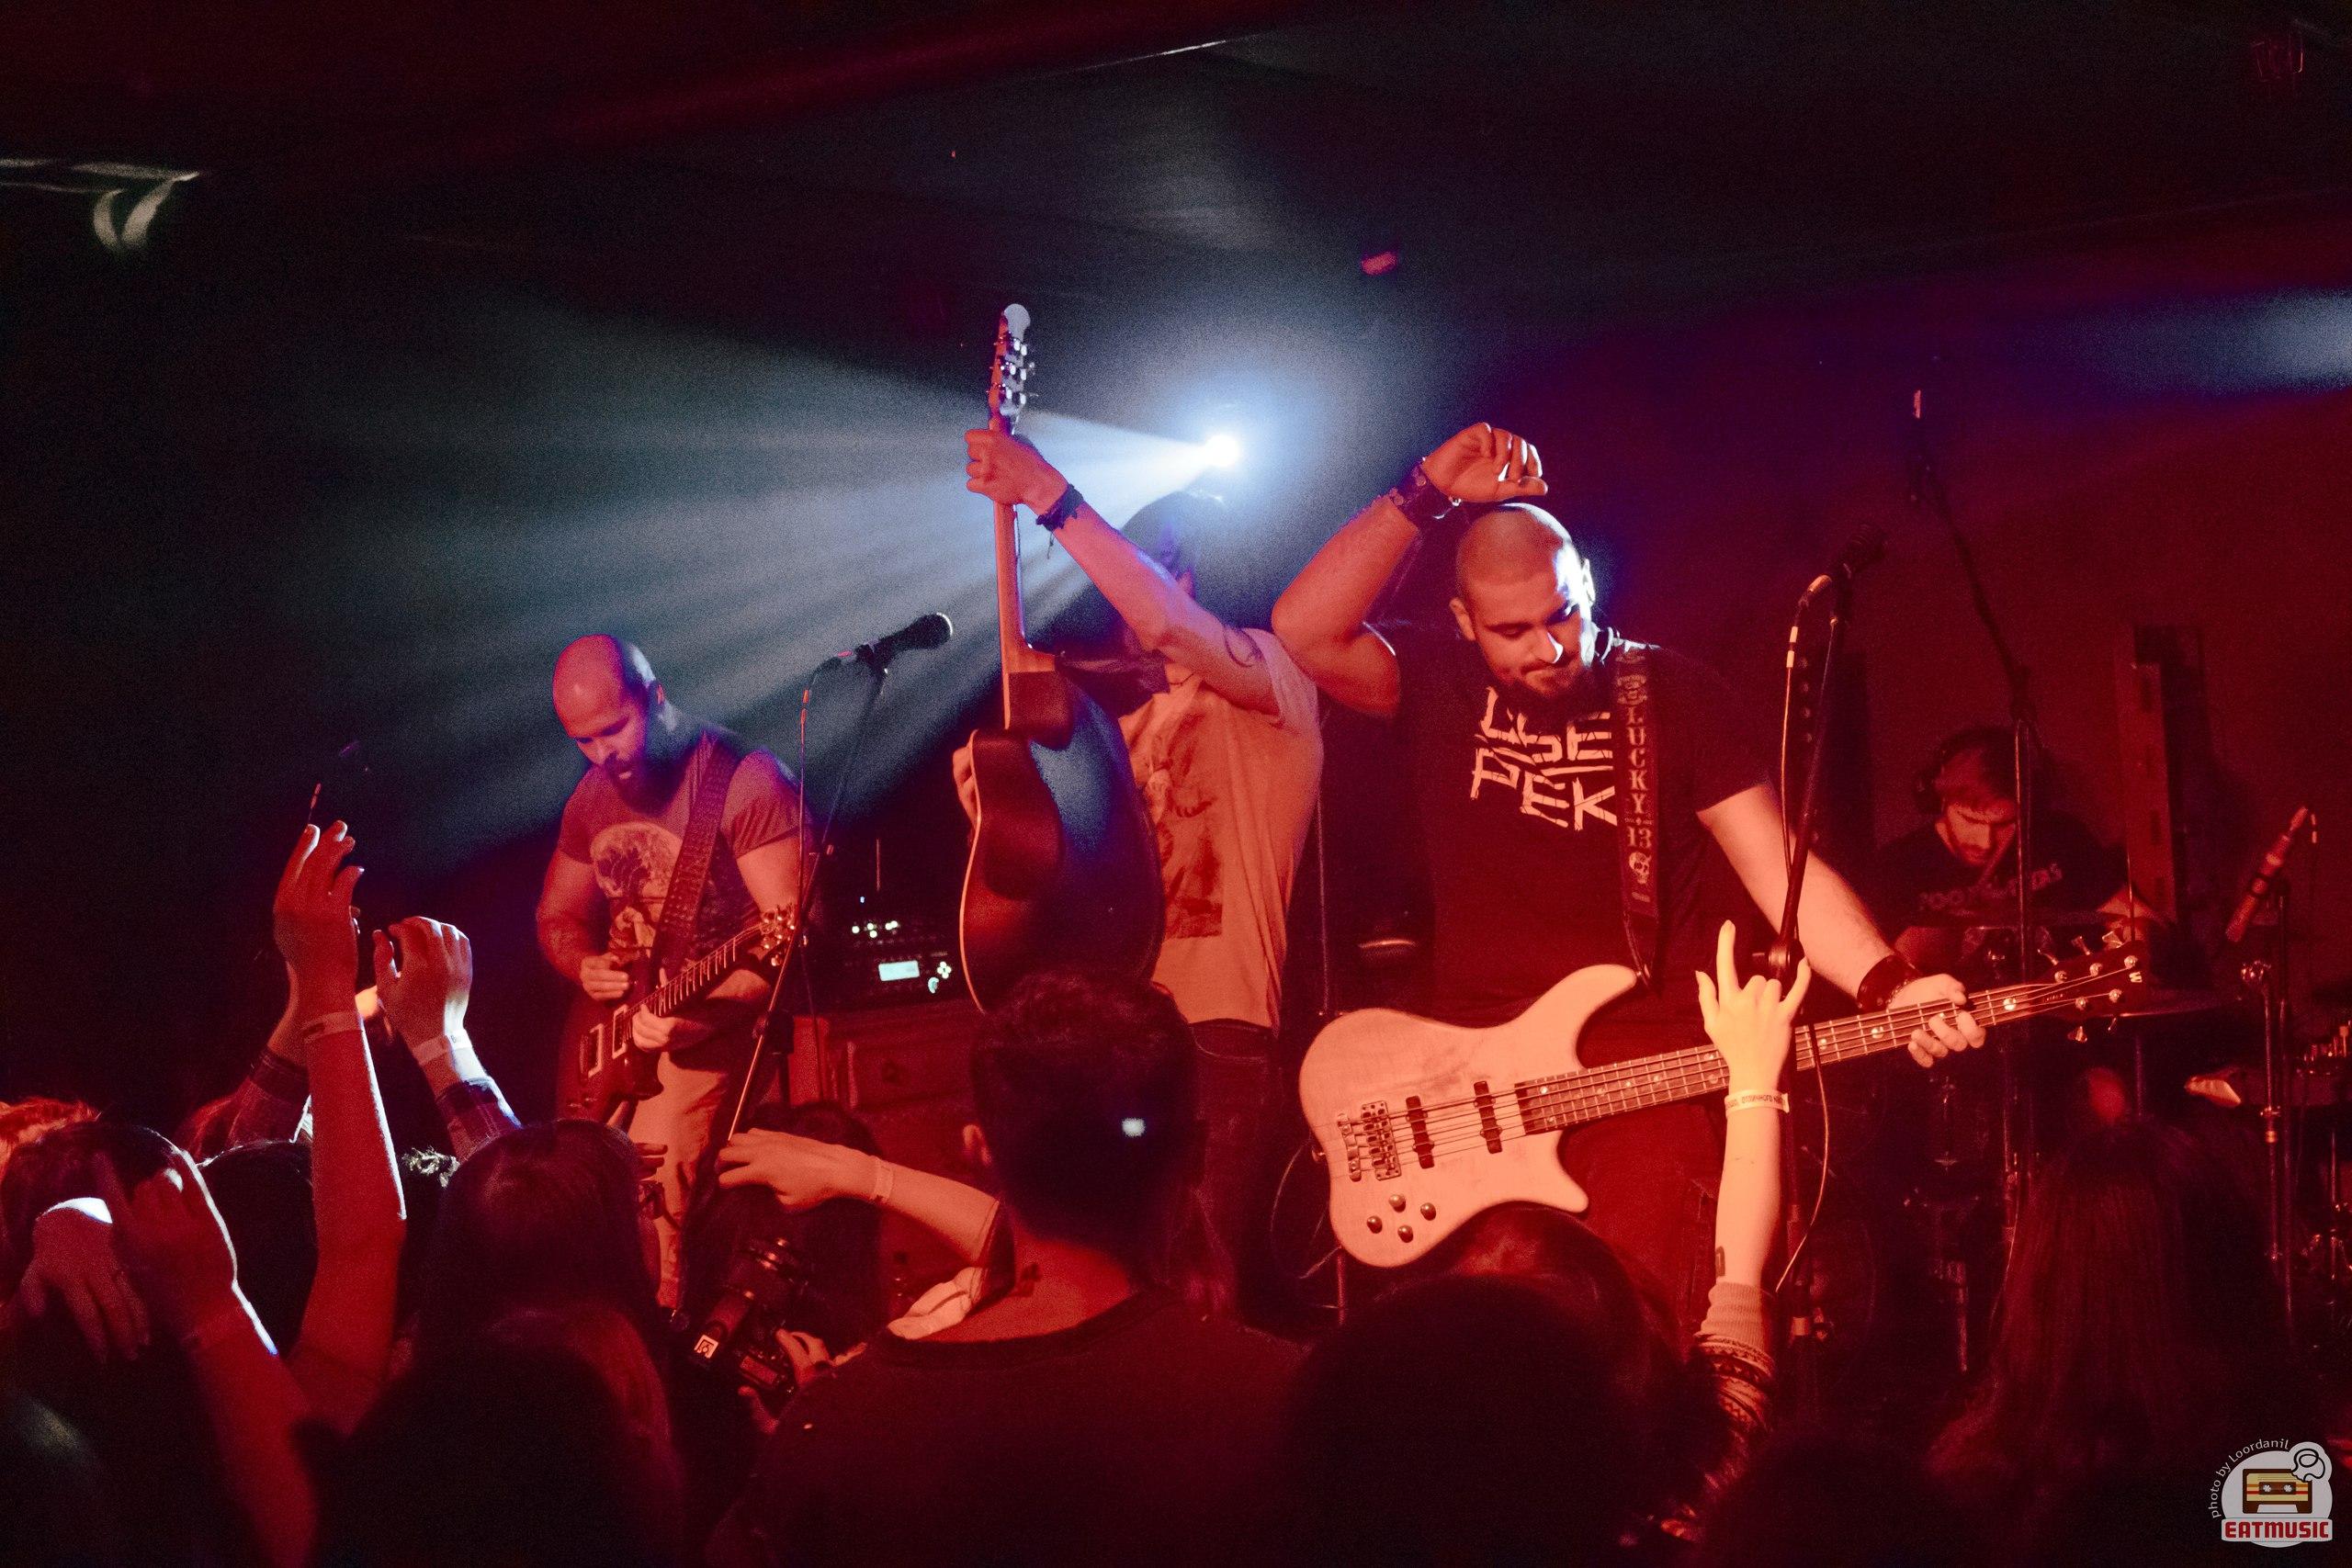 Концерт Обе-Рек в клубе Лес 14-04-2017: репортаж, фото Роман Воронин